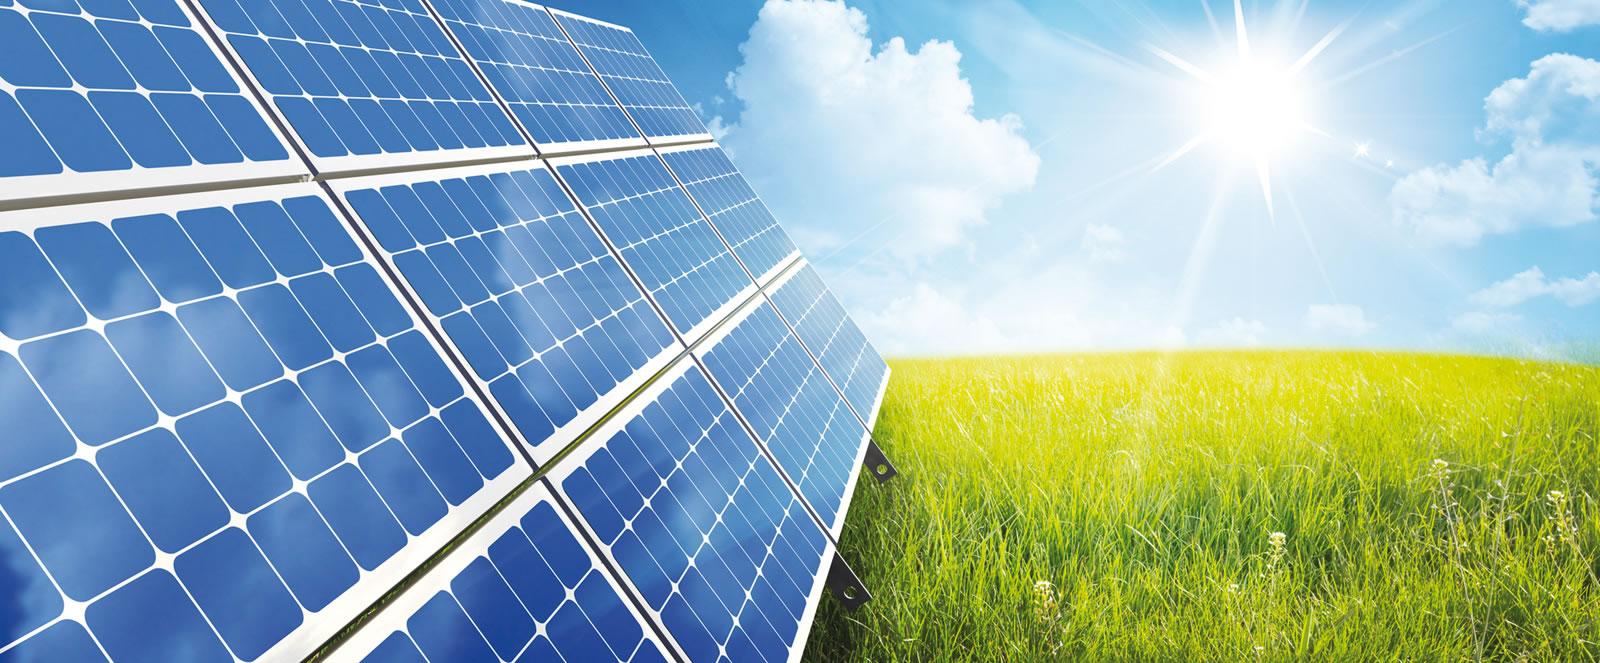 Fotovoltaico, installare gli impianti sarà presto più facile